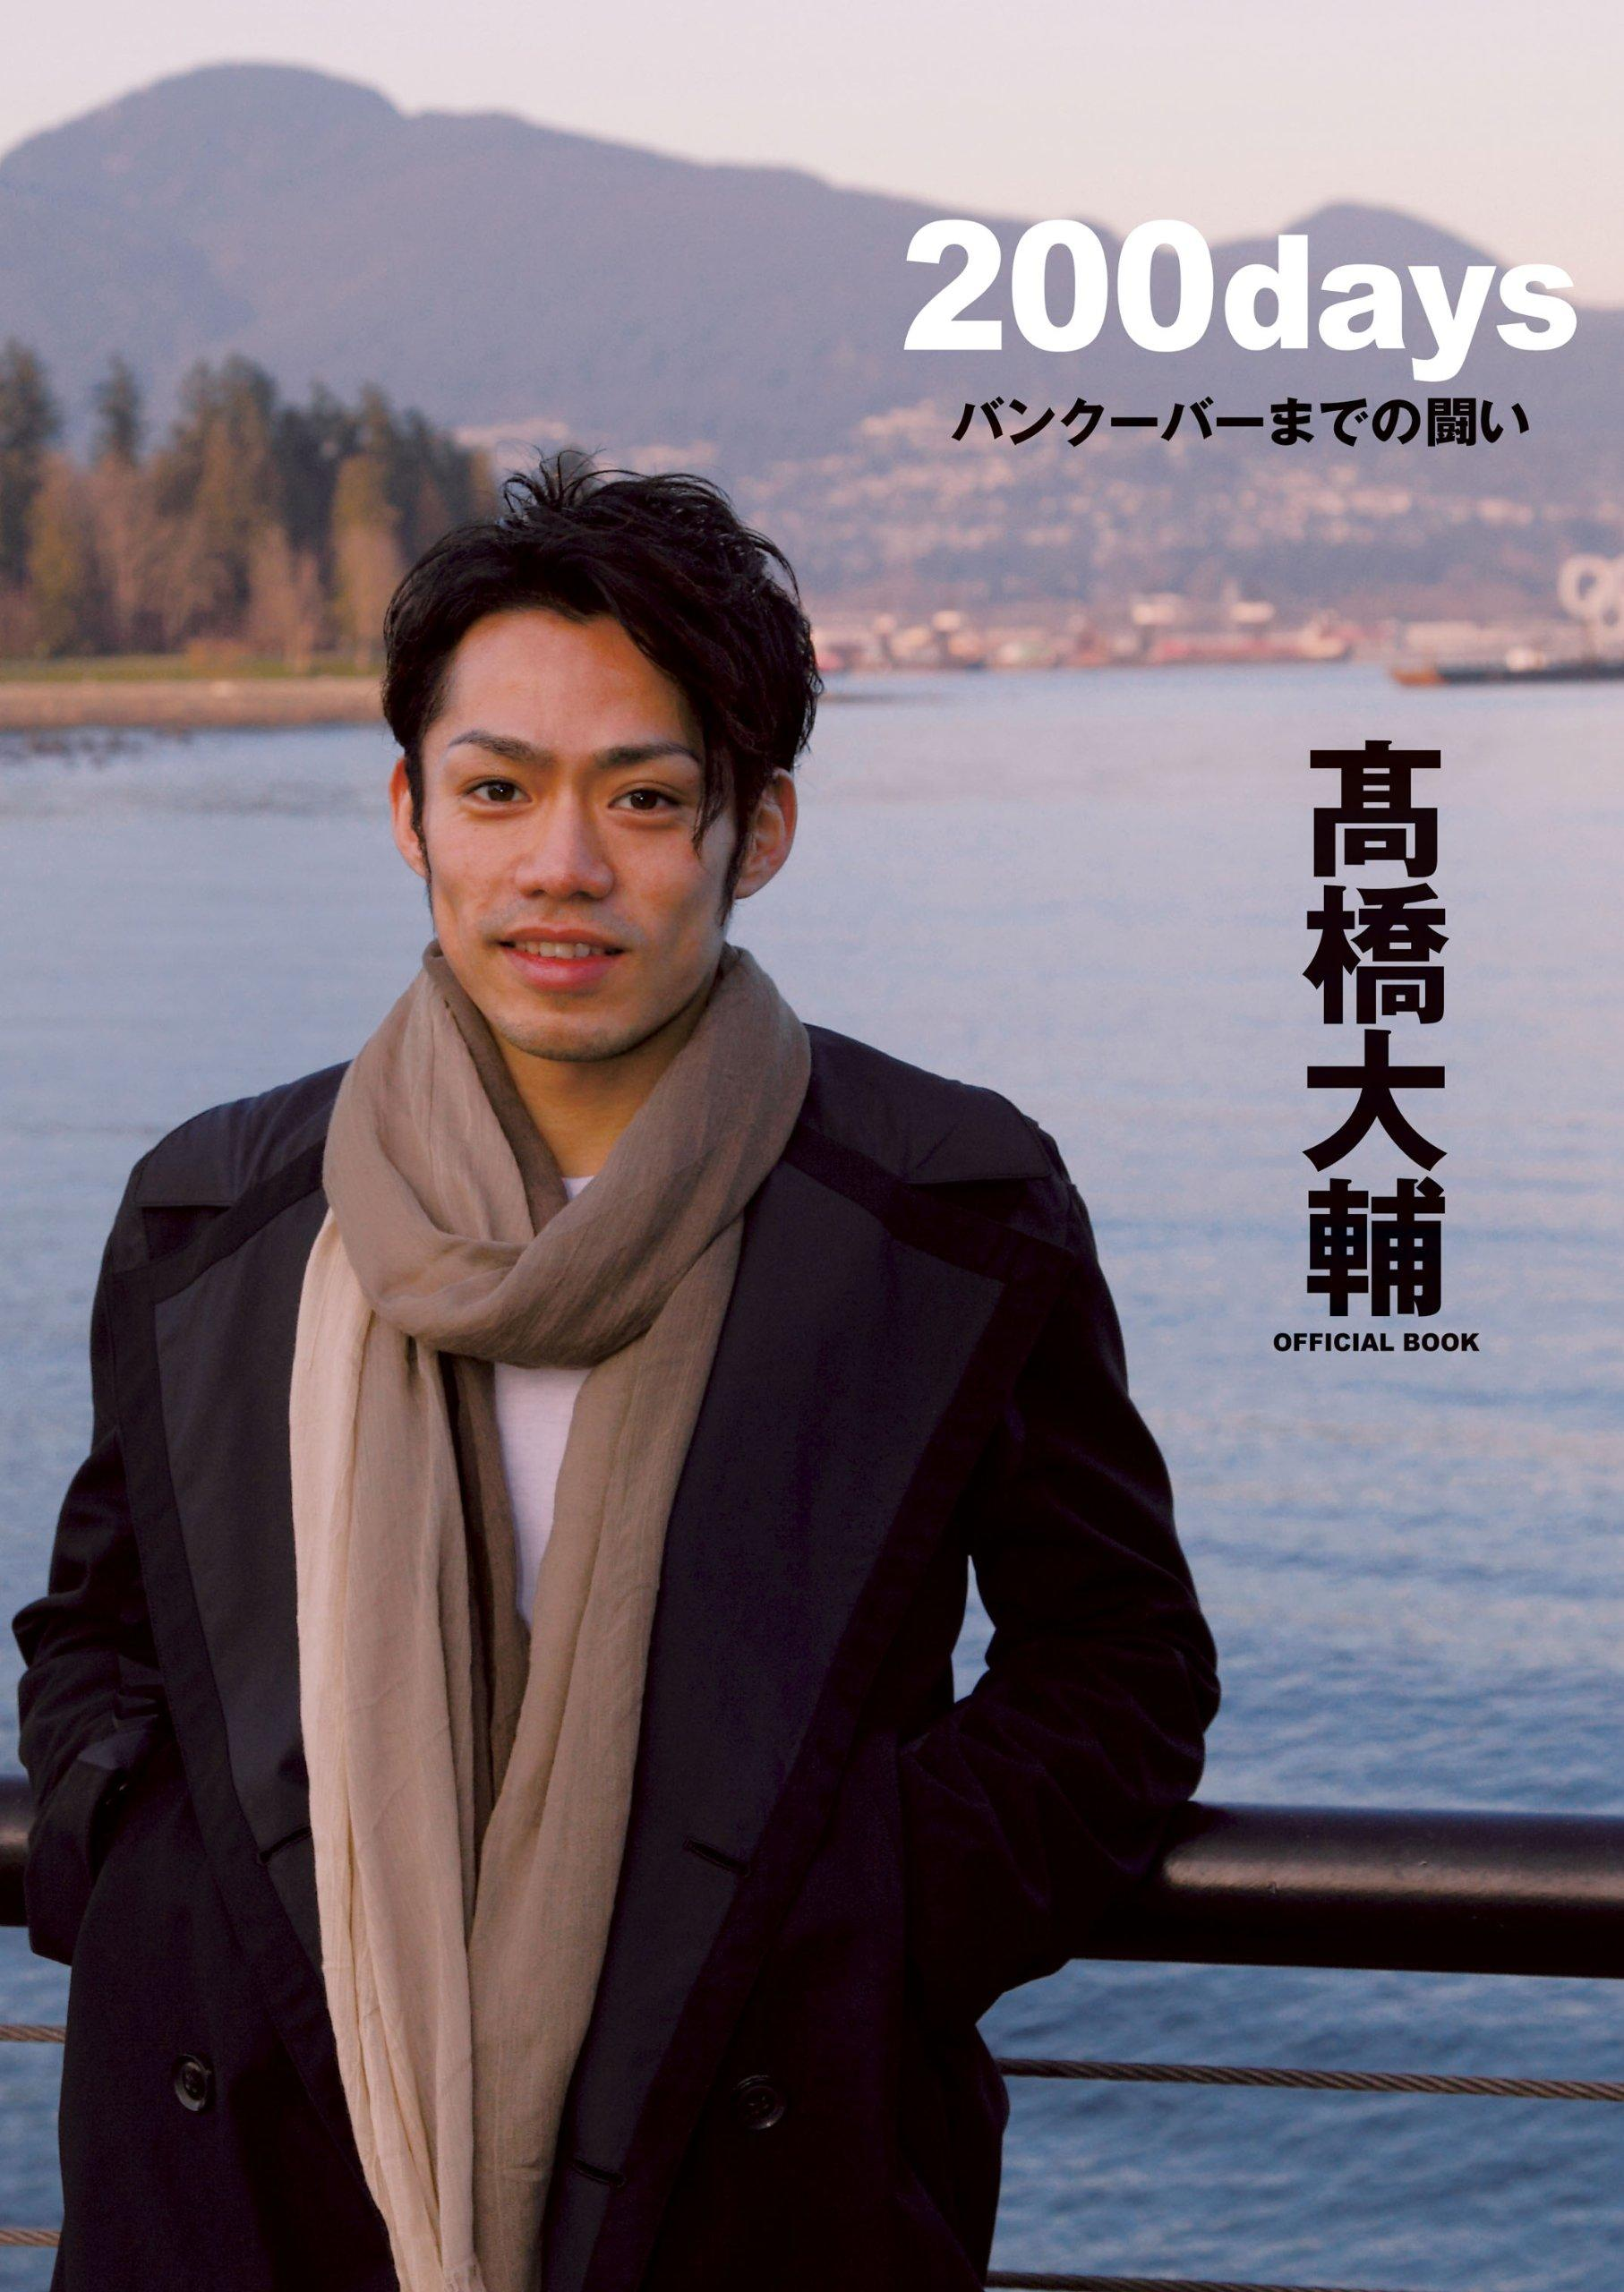 高橋大輔 ブログ